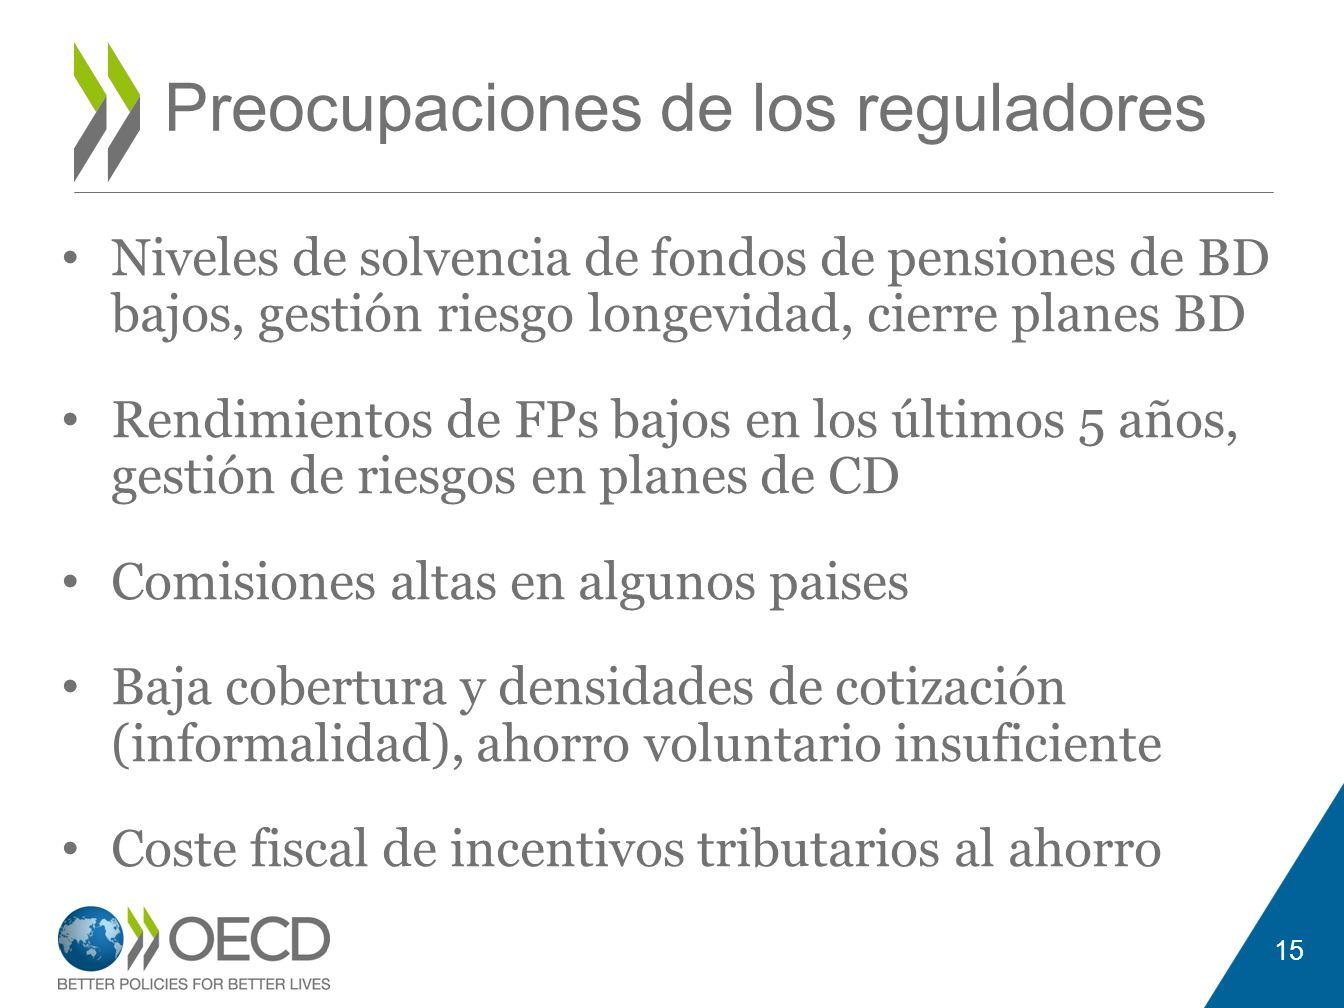 Preocupaciones de los reguladores Niveles de solvencia de fondos de pensiones de BD bajos, gestión riesgo longevidad, cierre planes BD Rendimientos de